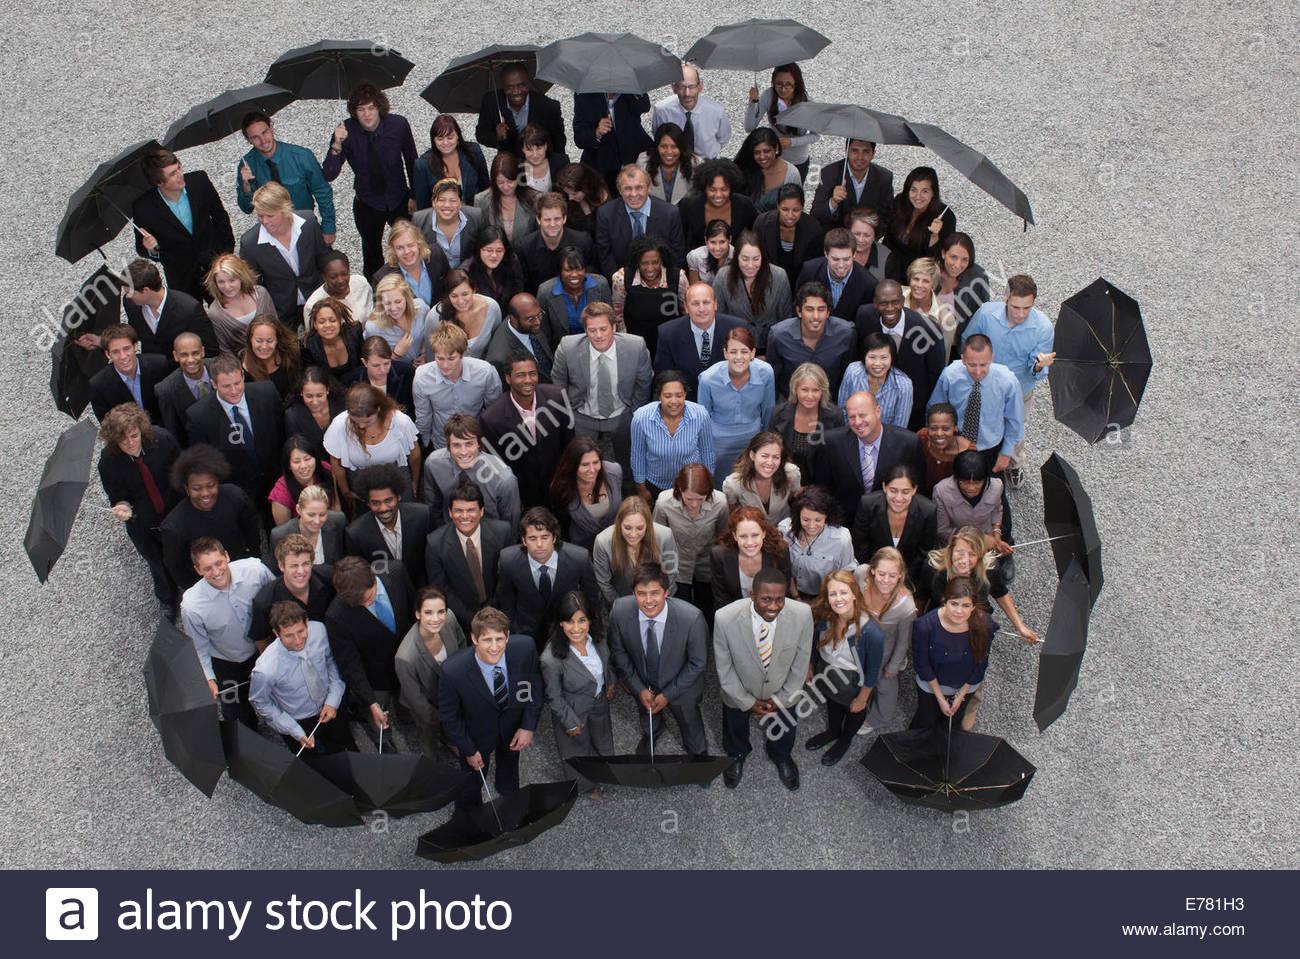 La gente di affari con ombrelloni Immagini Stock